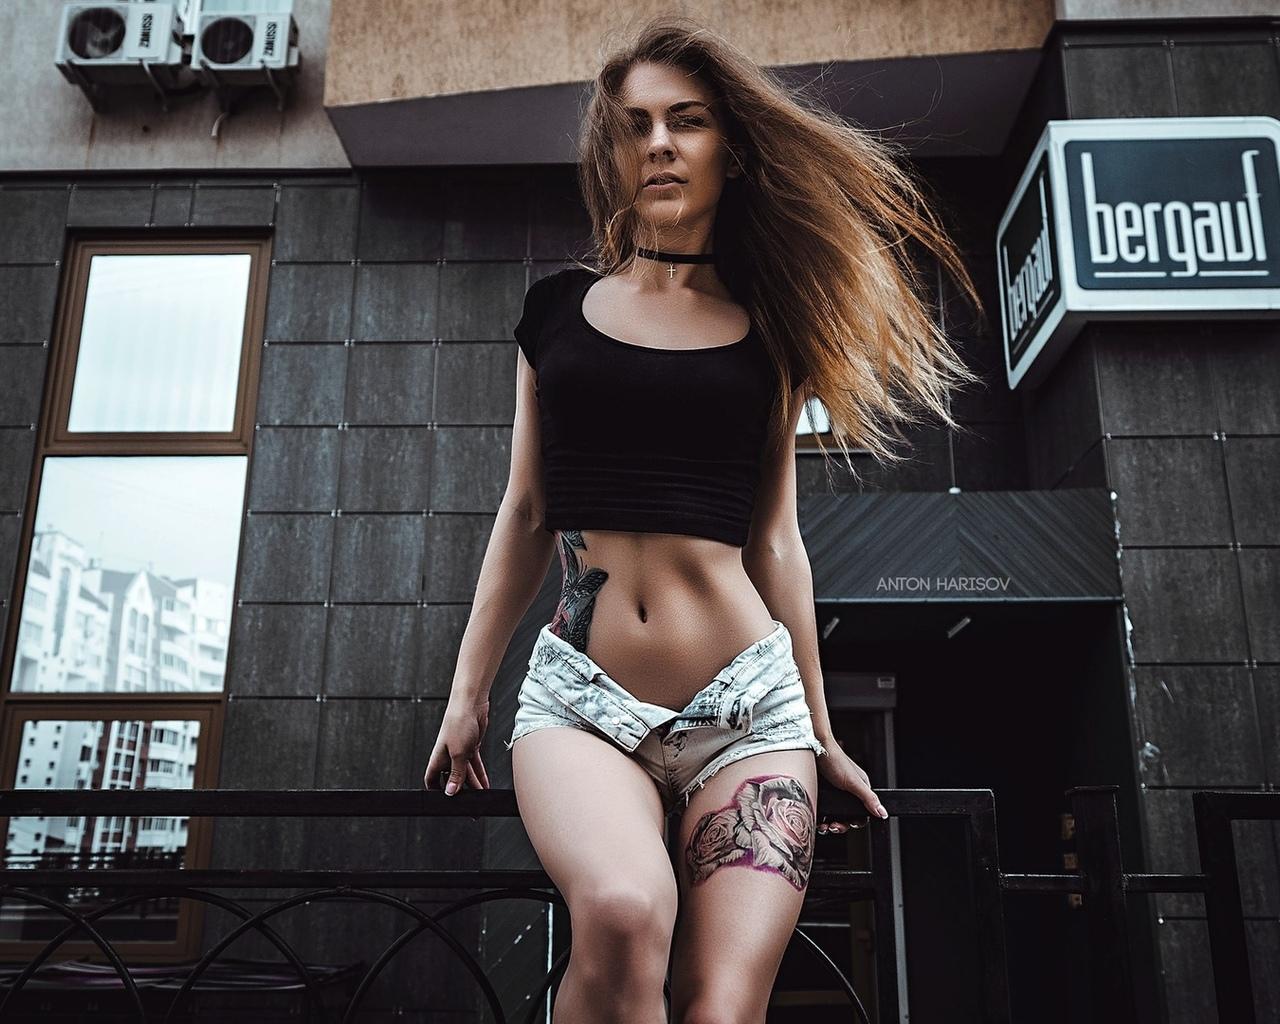 юлия berr, женщины, портрет, брюнетка, тощий, живот, татуировки, джинсовые шорты, короткие шорты, жопа